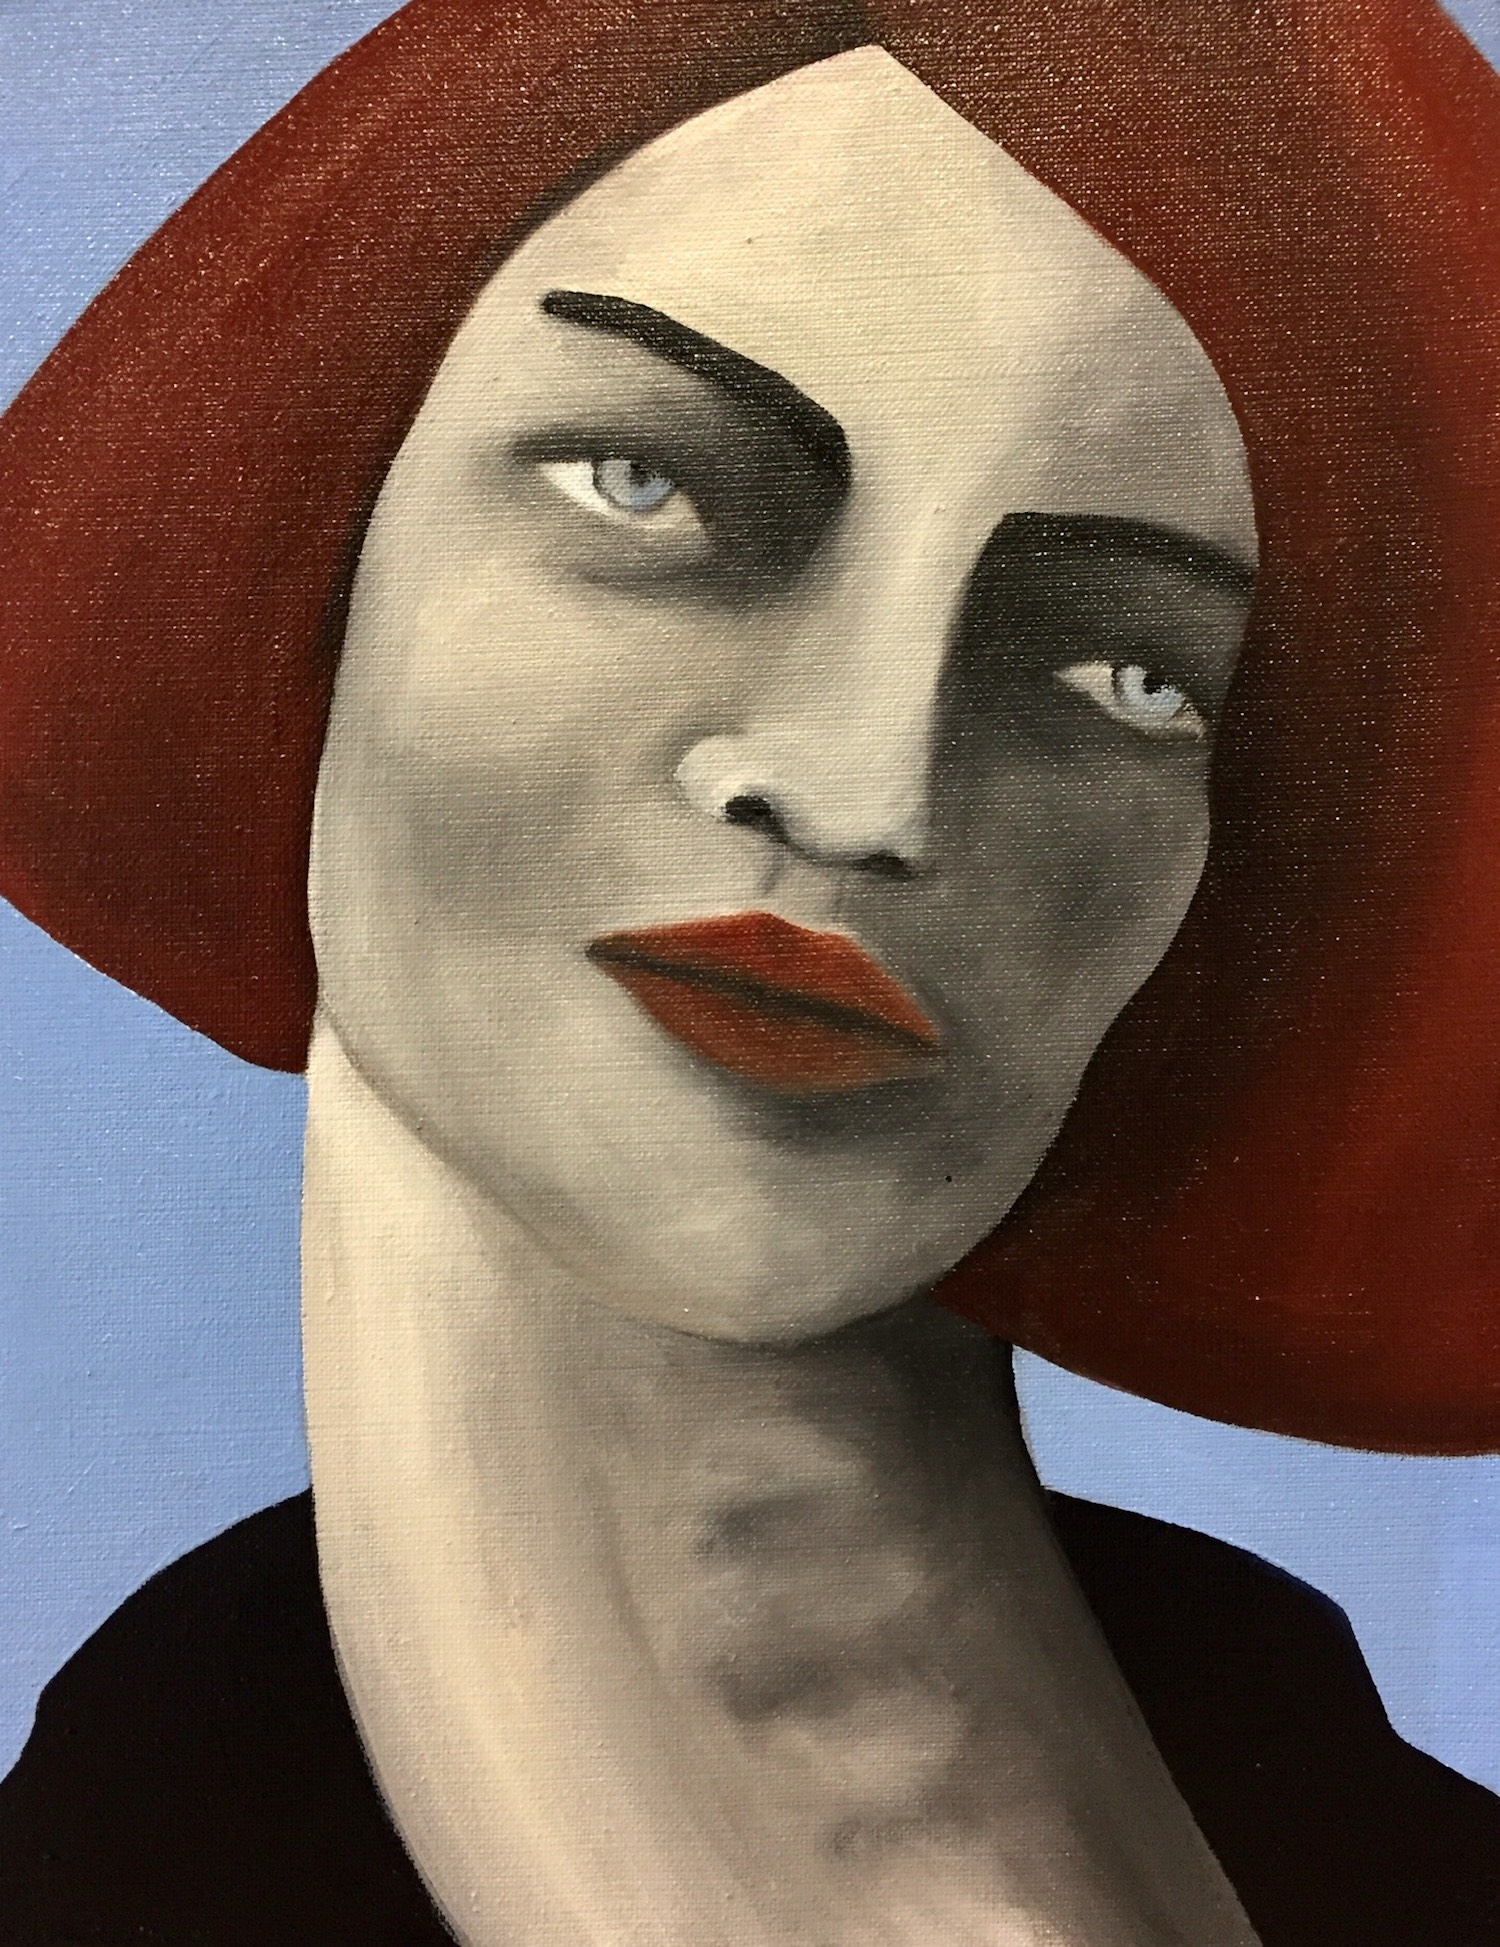 Mon rêve familier #4 femme rousse aux cheveux clairs cou